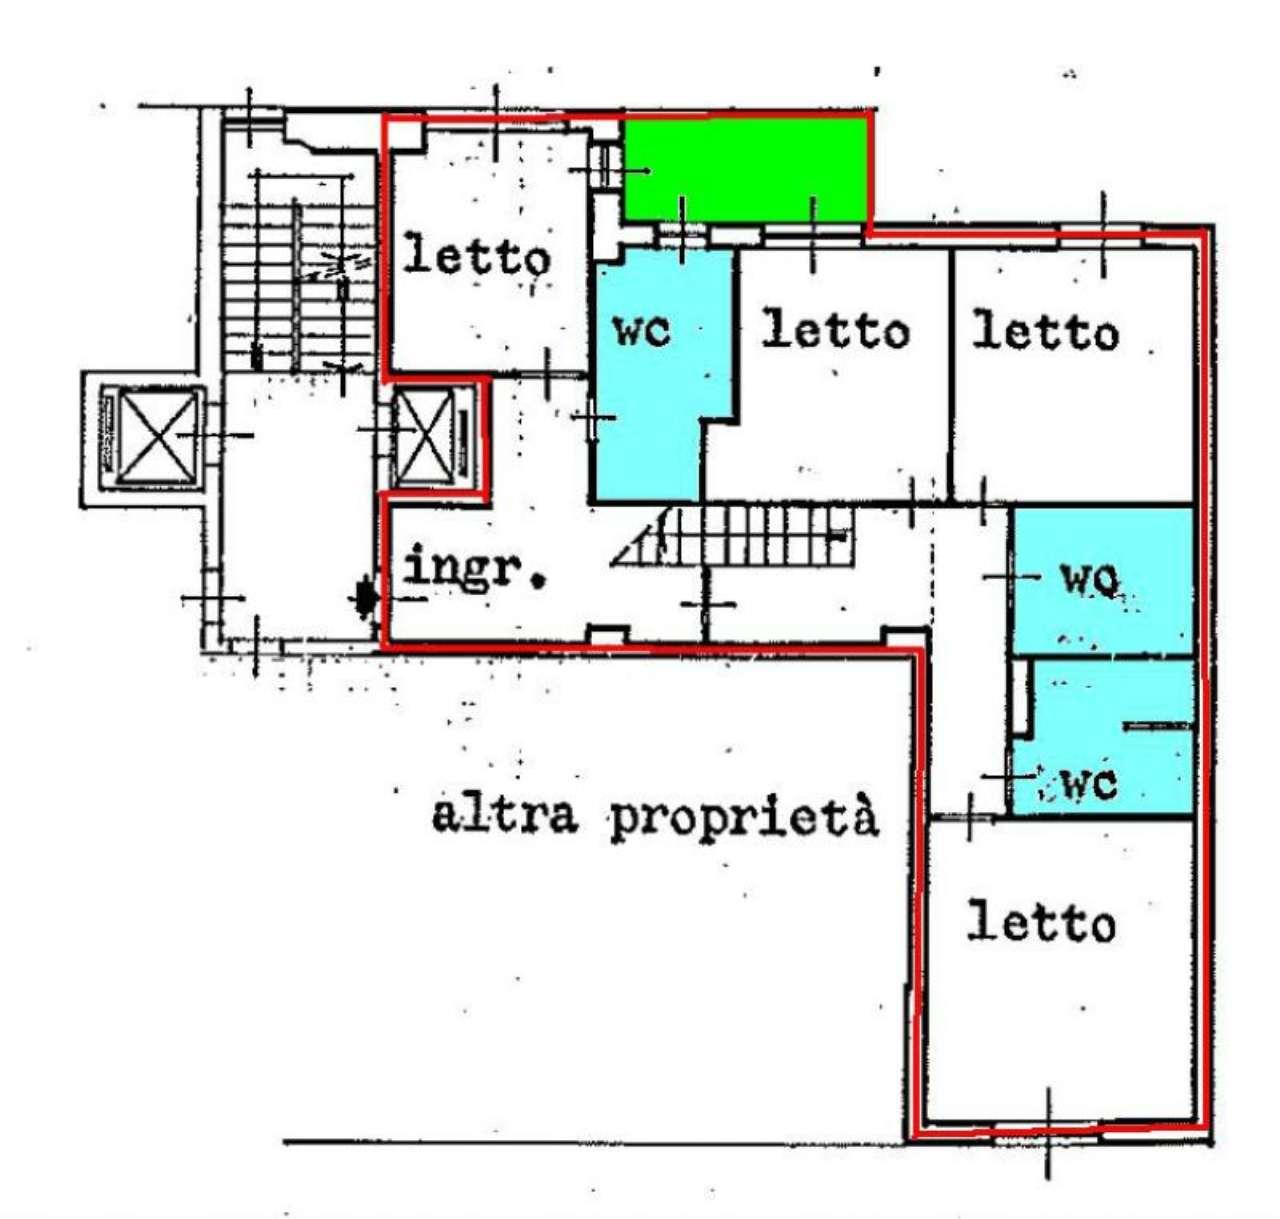 Milano Affitto ATTICO Immagine 1